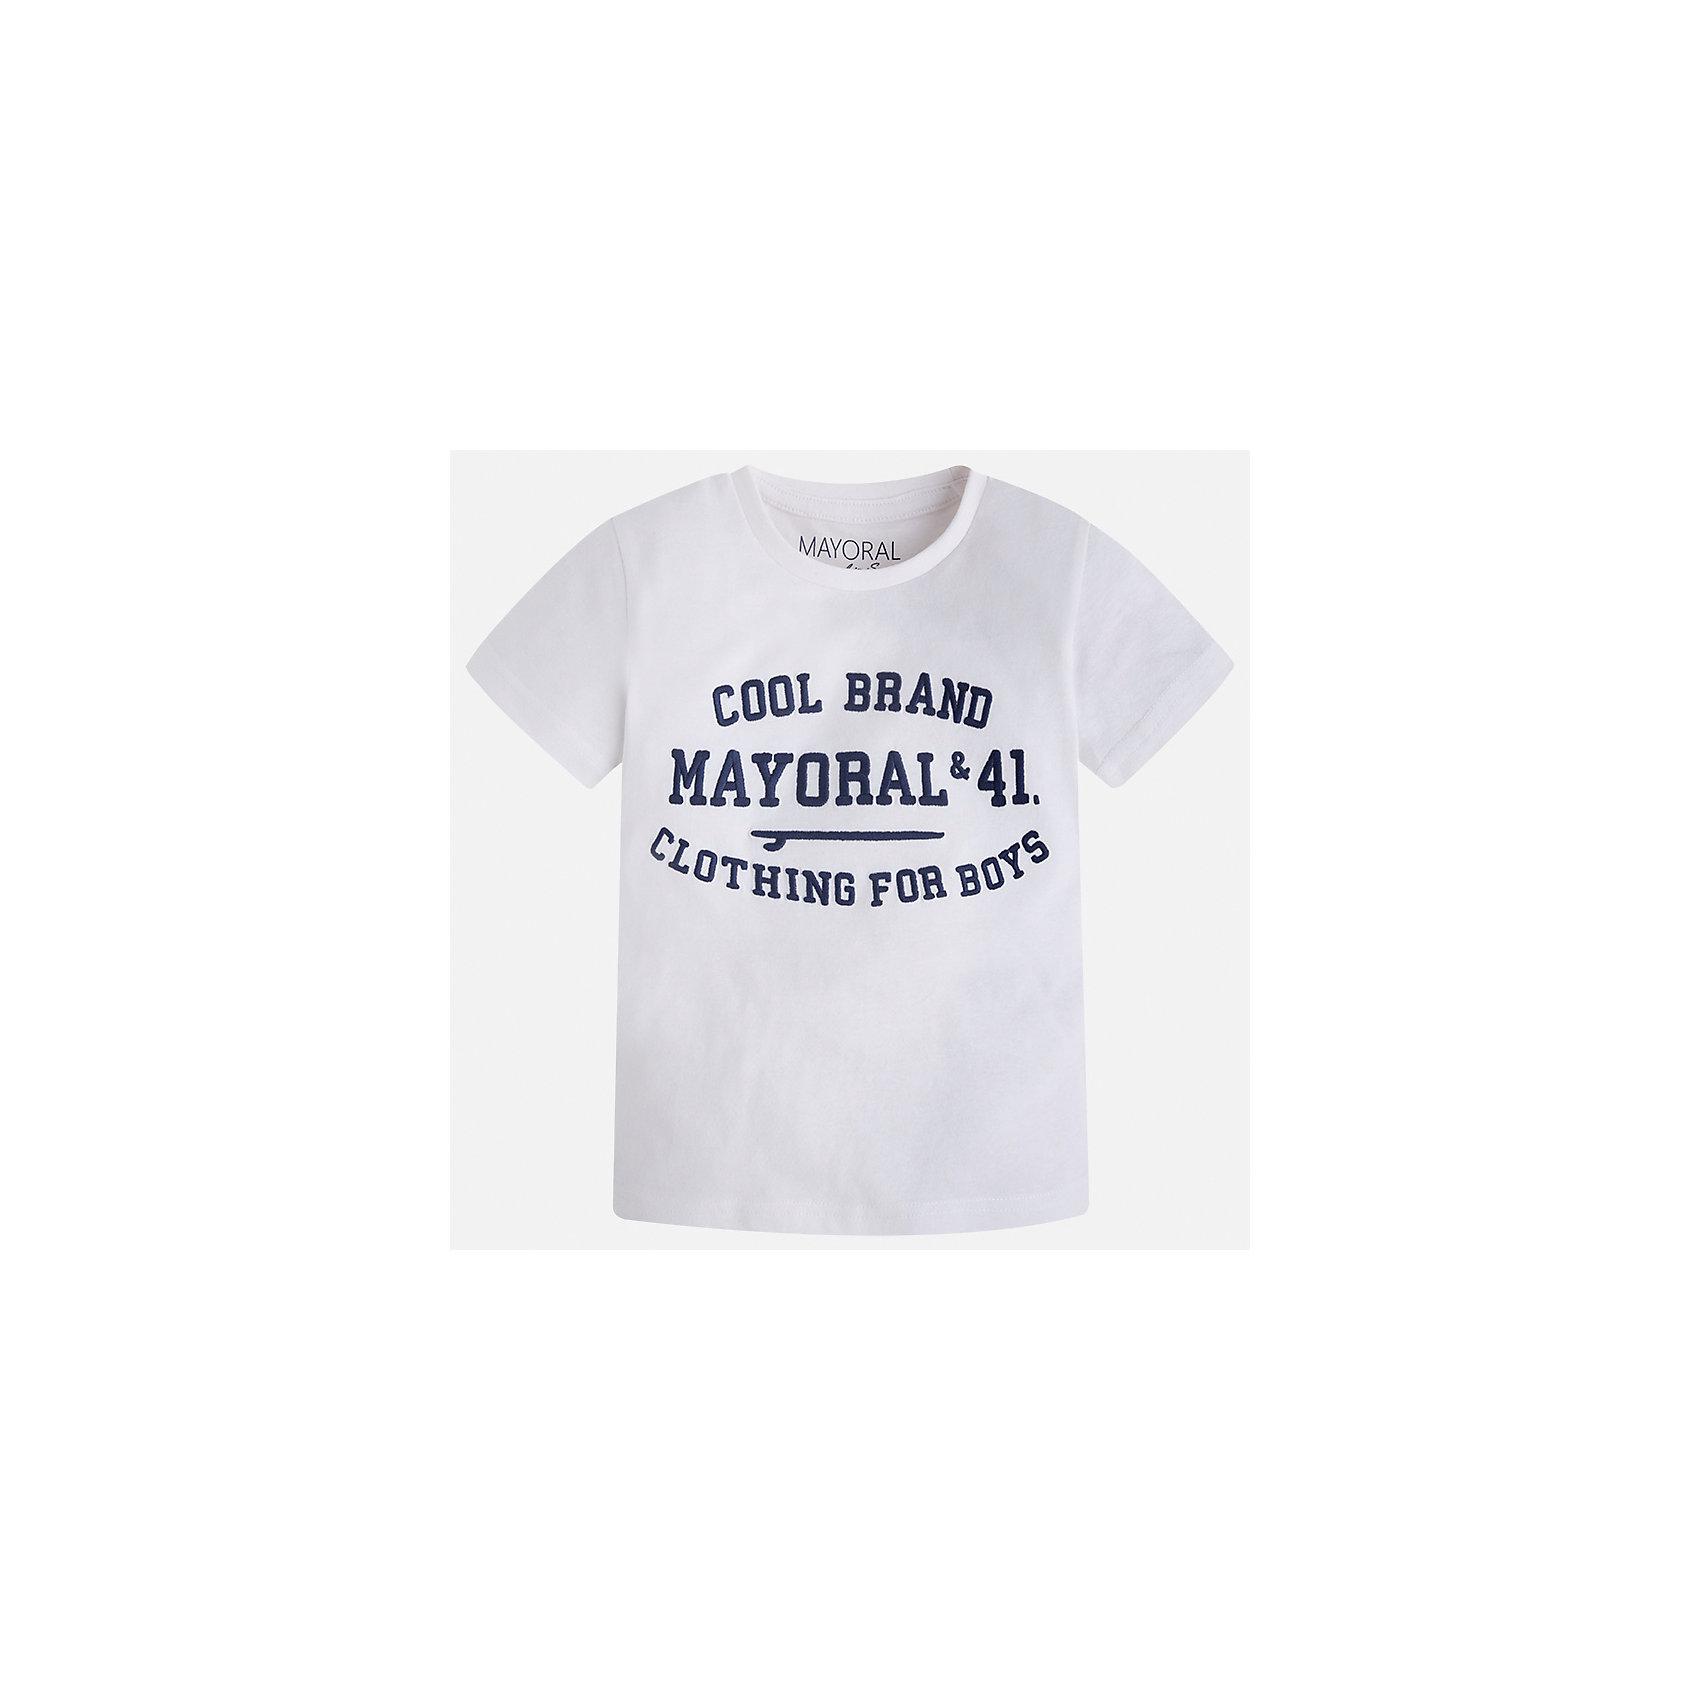 Футболка для мальчика MayoralФутболки, поло и топы<br>Характеристики товара:<br><br>• цвет: белый<br>• состав: 100% хлопок<br>• мягкая отделка ворота<br>• короткие рукава<br>• округлая горловина<br>• декорирована принтом<br>• страна бренда: Испания<br><br>Стильная удобная футболка для мальчика может стать базовой вещью в гардеробе ребенка. Она отлично сочетается с брюками, шортами, джинсами. Универсальный крой и цвет позволяет подобрать к вещи низ разных расцветок. Практичное и стильное изделие! В составе материала - только натуральный хлопок, гипоаллергенный, приятный на ощупь, дышащий.<br><br>Одежда, обувь и аксессуары от испанского бренда Mayoral полюбились детям и взрослым по всему миру. Модели этой марки - стильные и удобные. Для их производства используются только безопасные, качественные материалы и фурнитура. Порадуйте ребенка модными и красивыми вещами от Mayoral! <br><br>Футболку для мальчика от испанского бренда Mayoral (Майорал) можно купить в нашем интернет-магазине.<br><br>Ширина мм: 199<br>Глубина мм: 10<br>Высота мм: 161<br>Вес г: 151<br>Цвет: белый<br>Возраст от месяцев: 48<br>Возраст до месяцев: 60<br>Пол: Мужской<br>Возраст: Детский<br>Размер: 110,104,92,98,122,134,128,116<br>SKU: 5277812